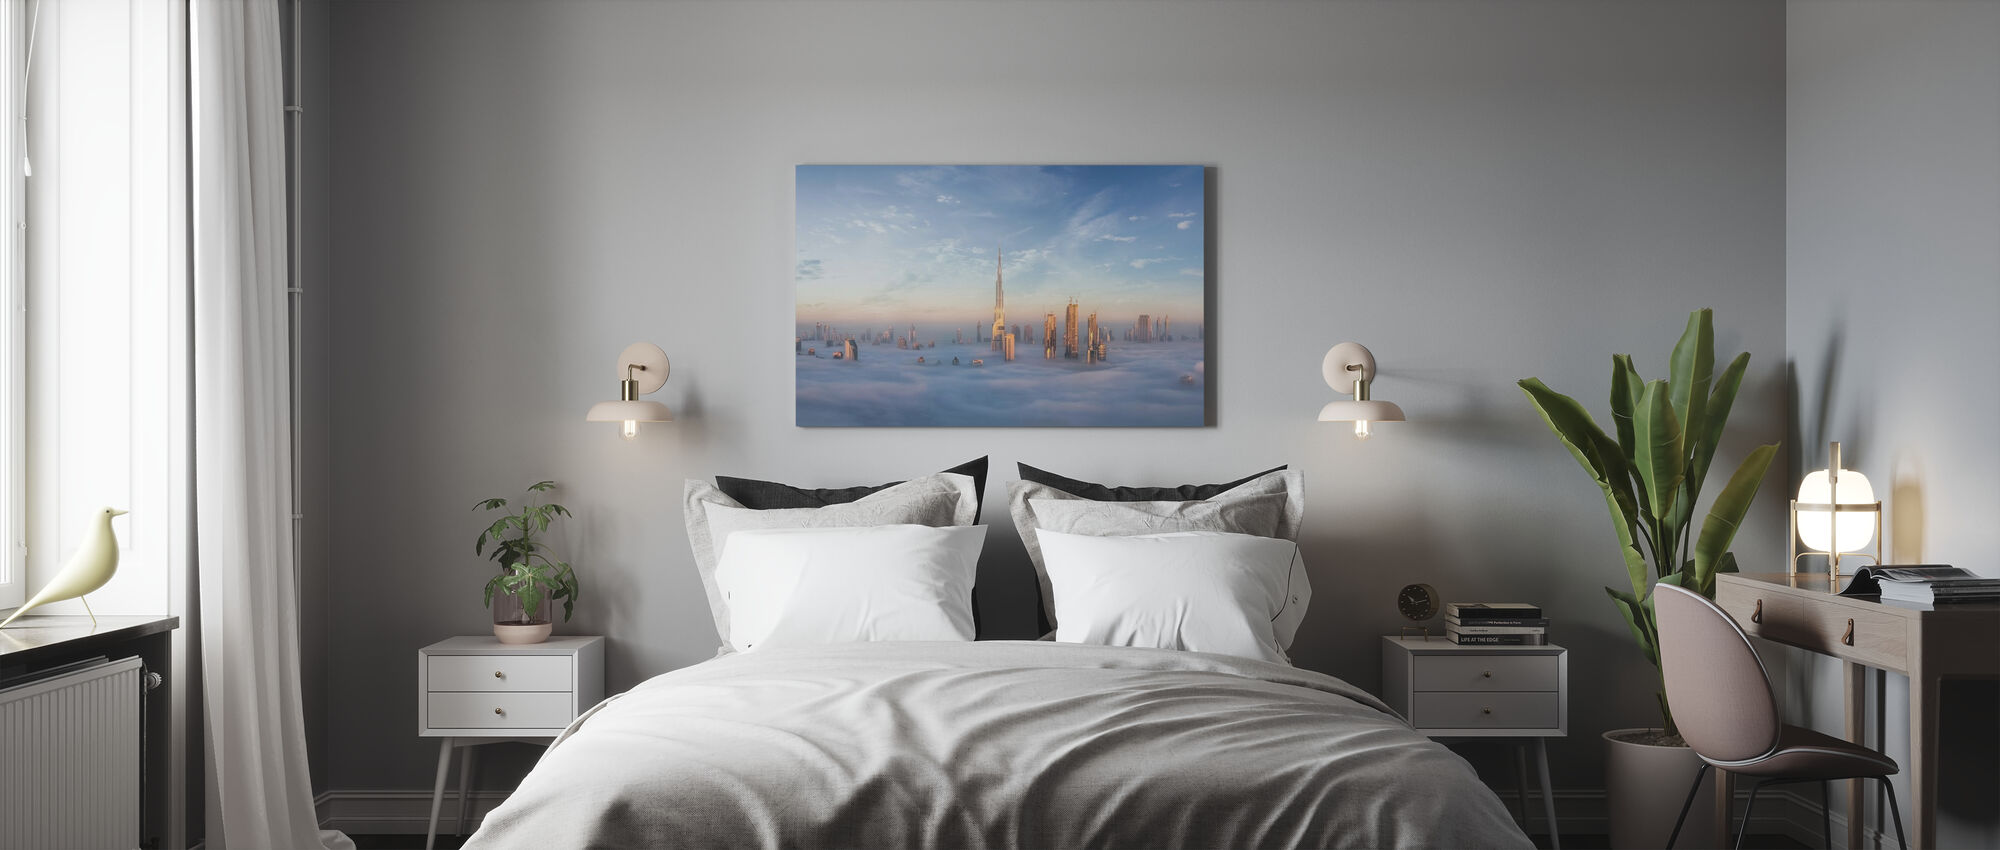 Sumussa uppoaminen - Canvastaulu - Makuuhuone